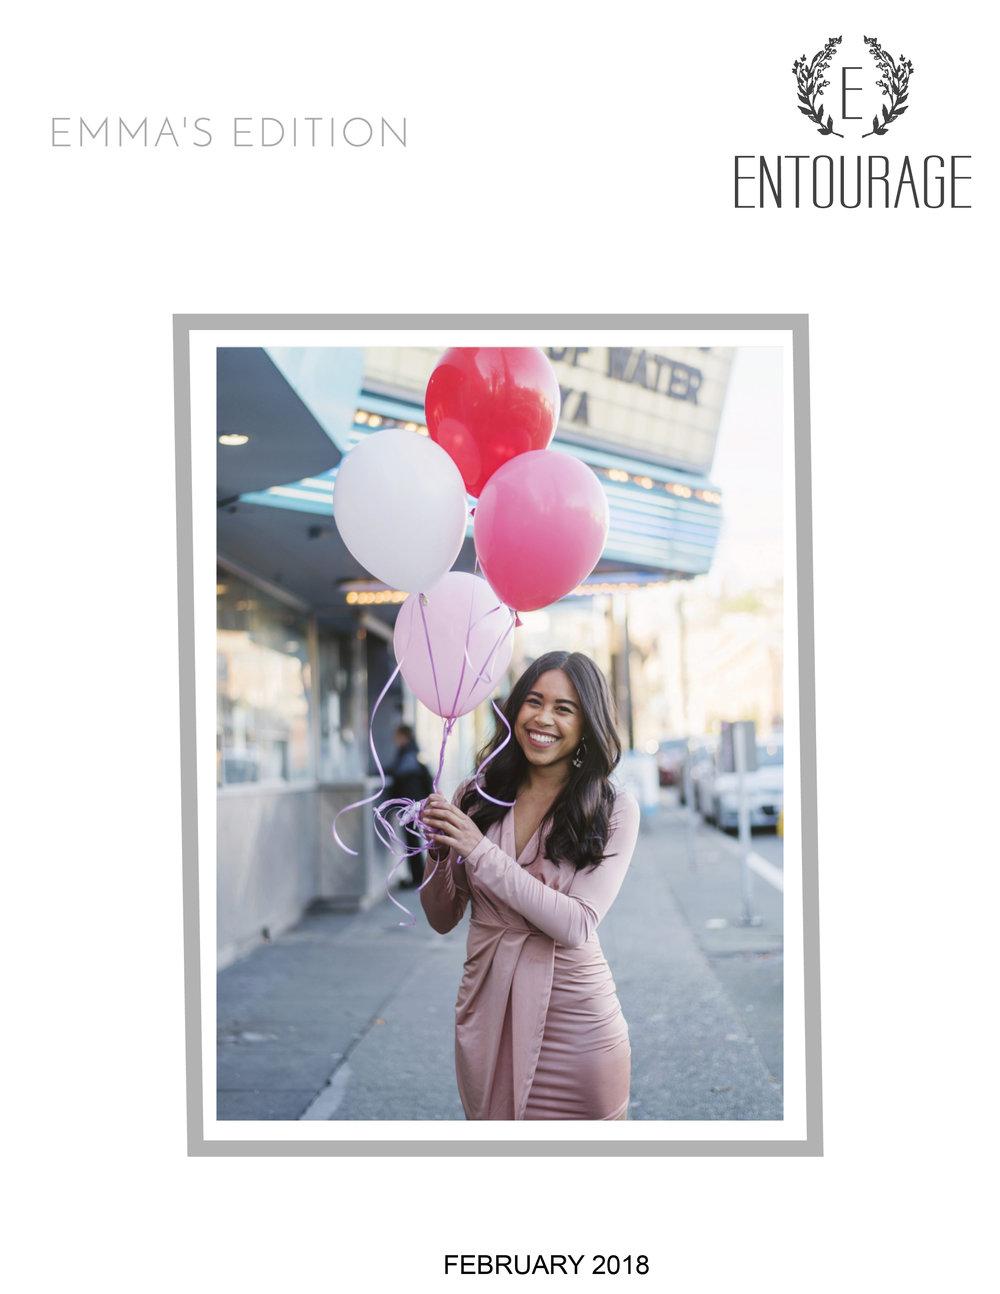 Entourage_EmmaCortes_Blog_Februaryyy2018.jpg